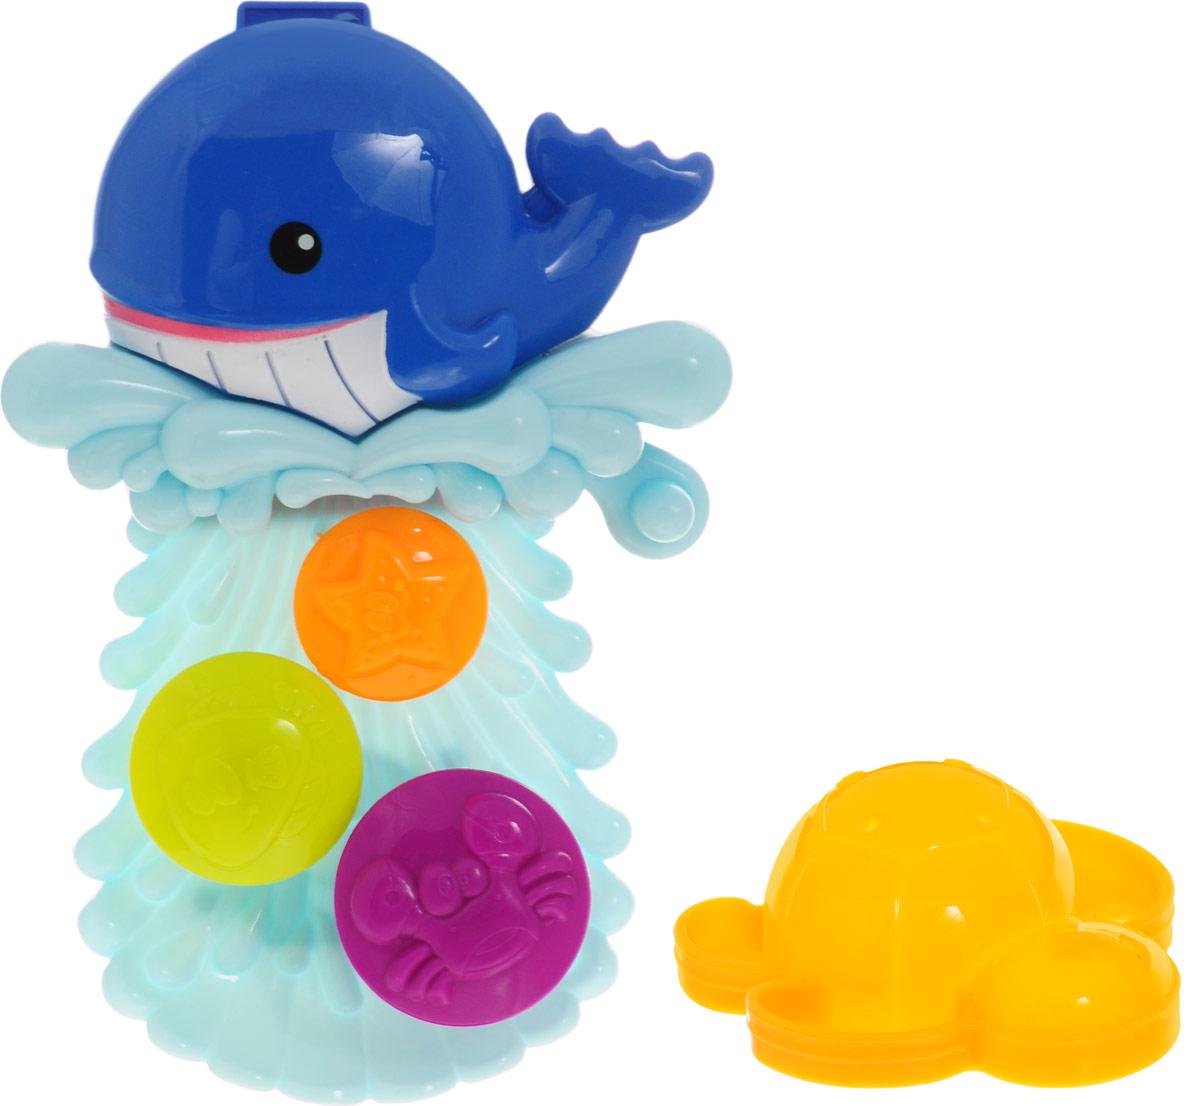 Игрушка для ванной ABtoys Кит-мельница, цвет в ассортименте игрушки для ванны fun time игрушка для ванной лодка морская звезда кит 5027